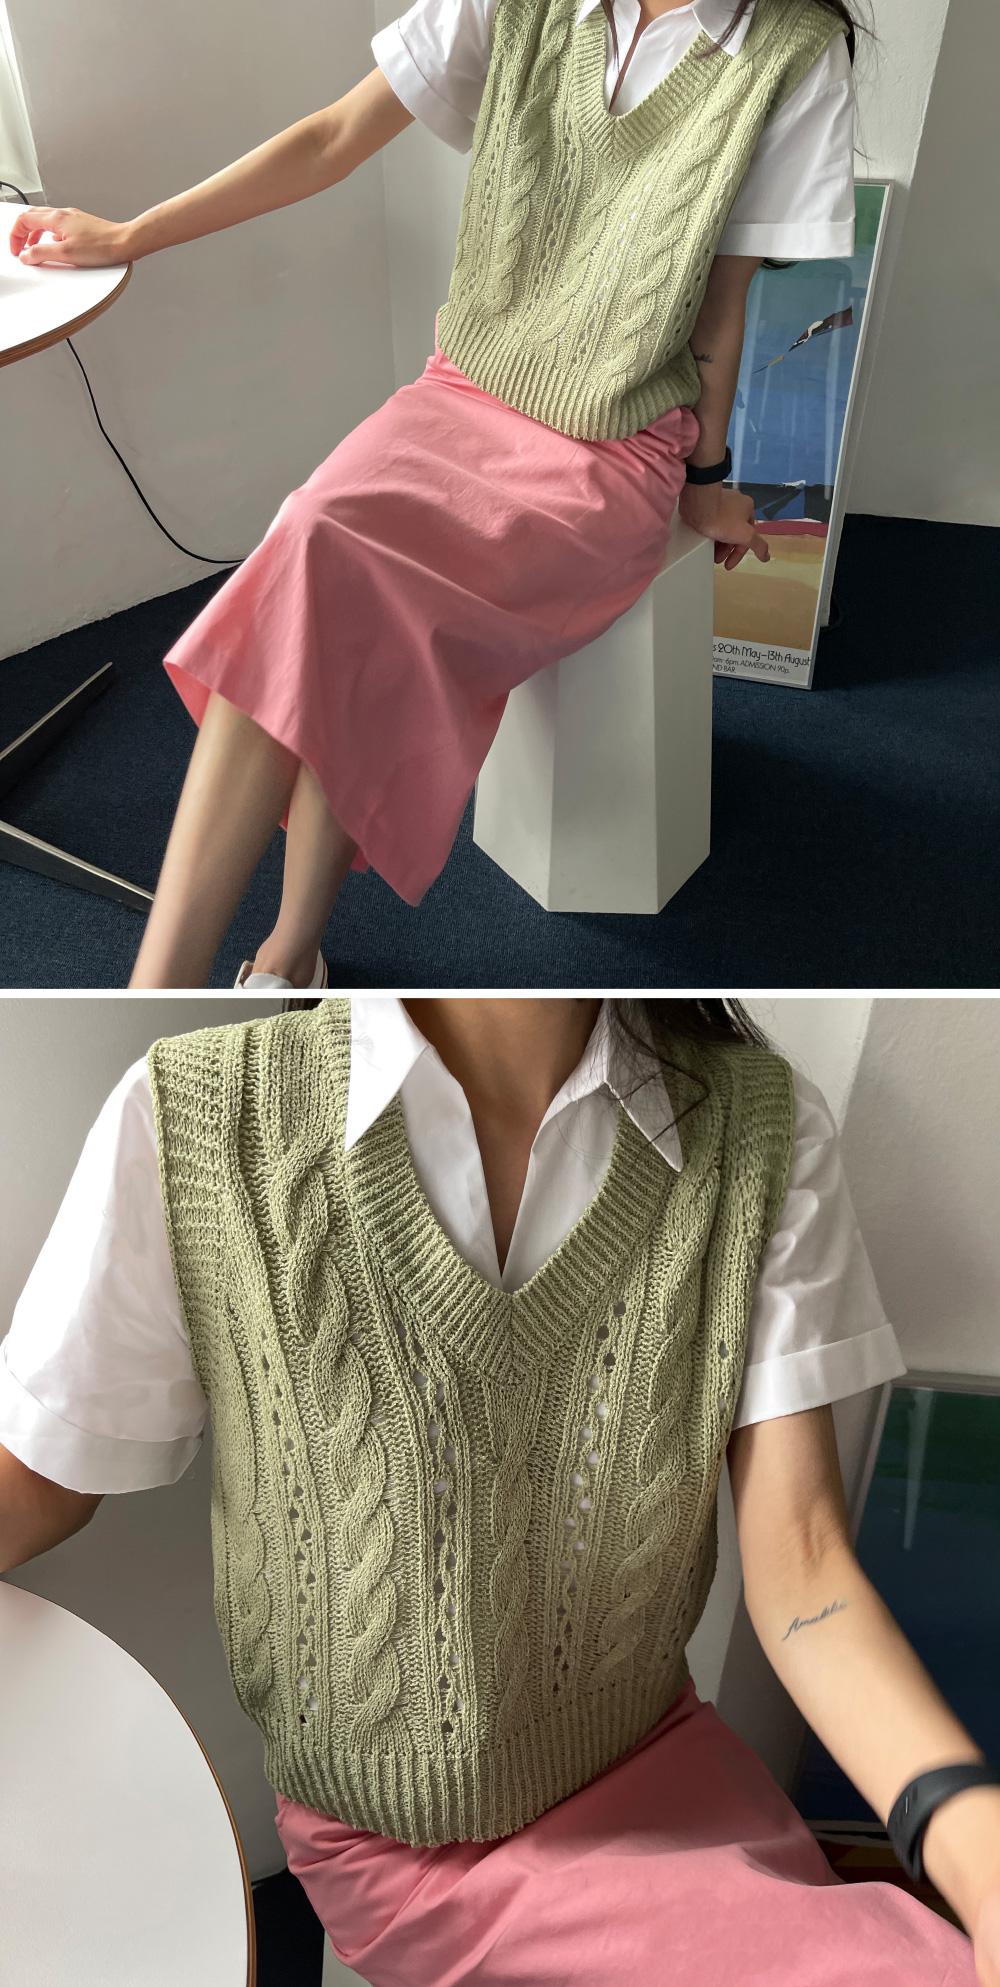 Miyu Semi Crop Open Shirt